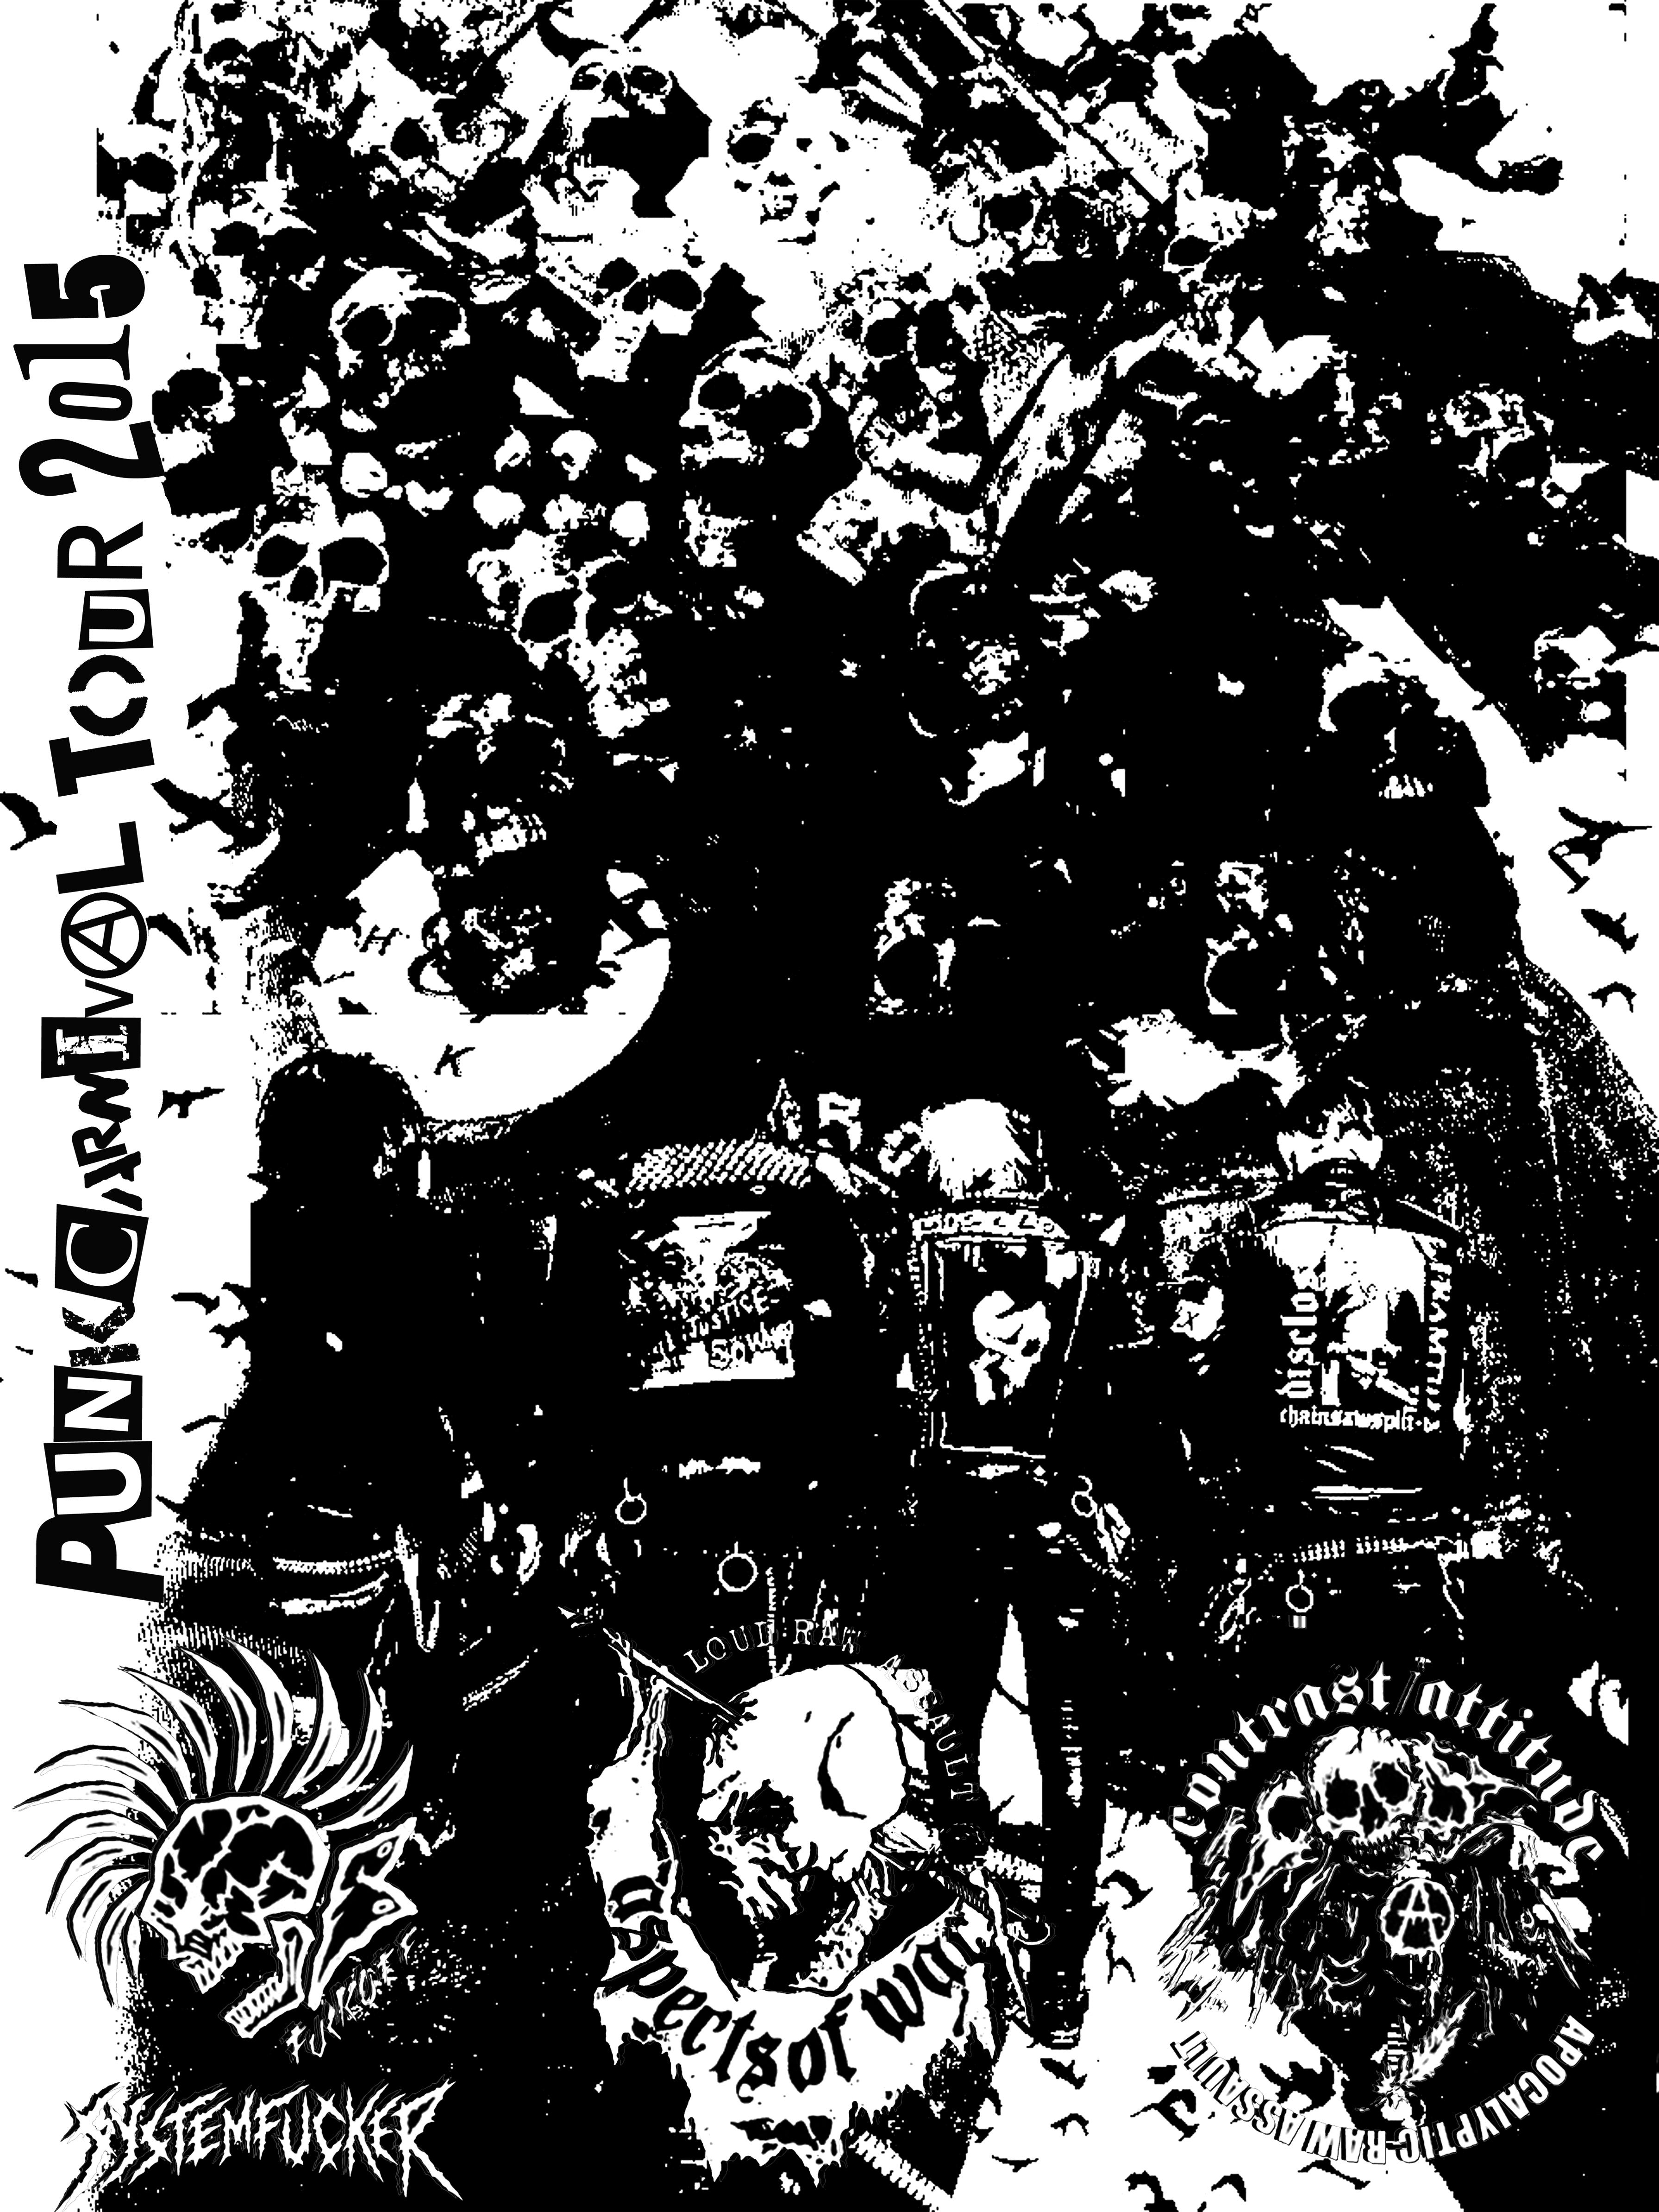 punkcarnivaltour2015